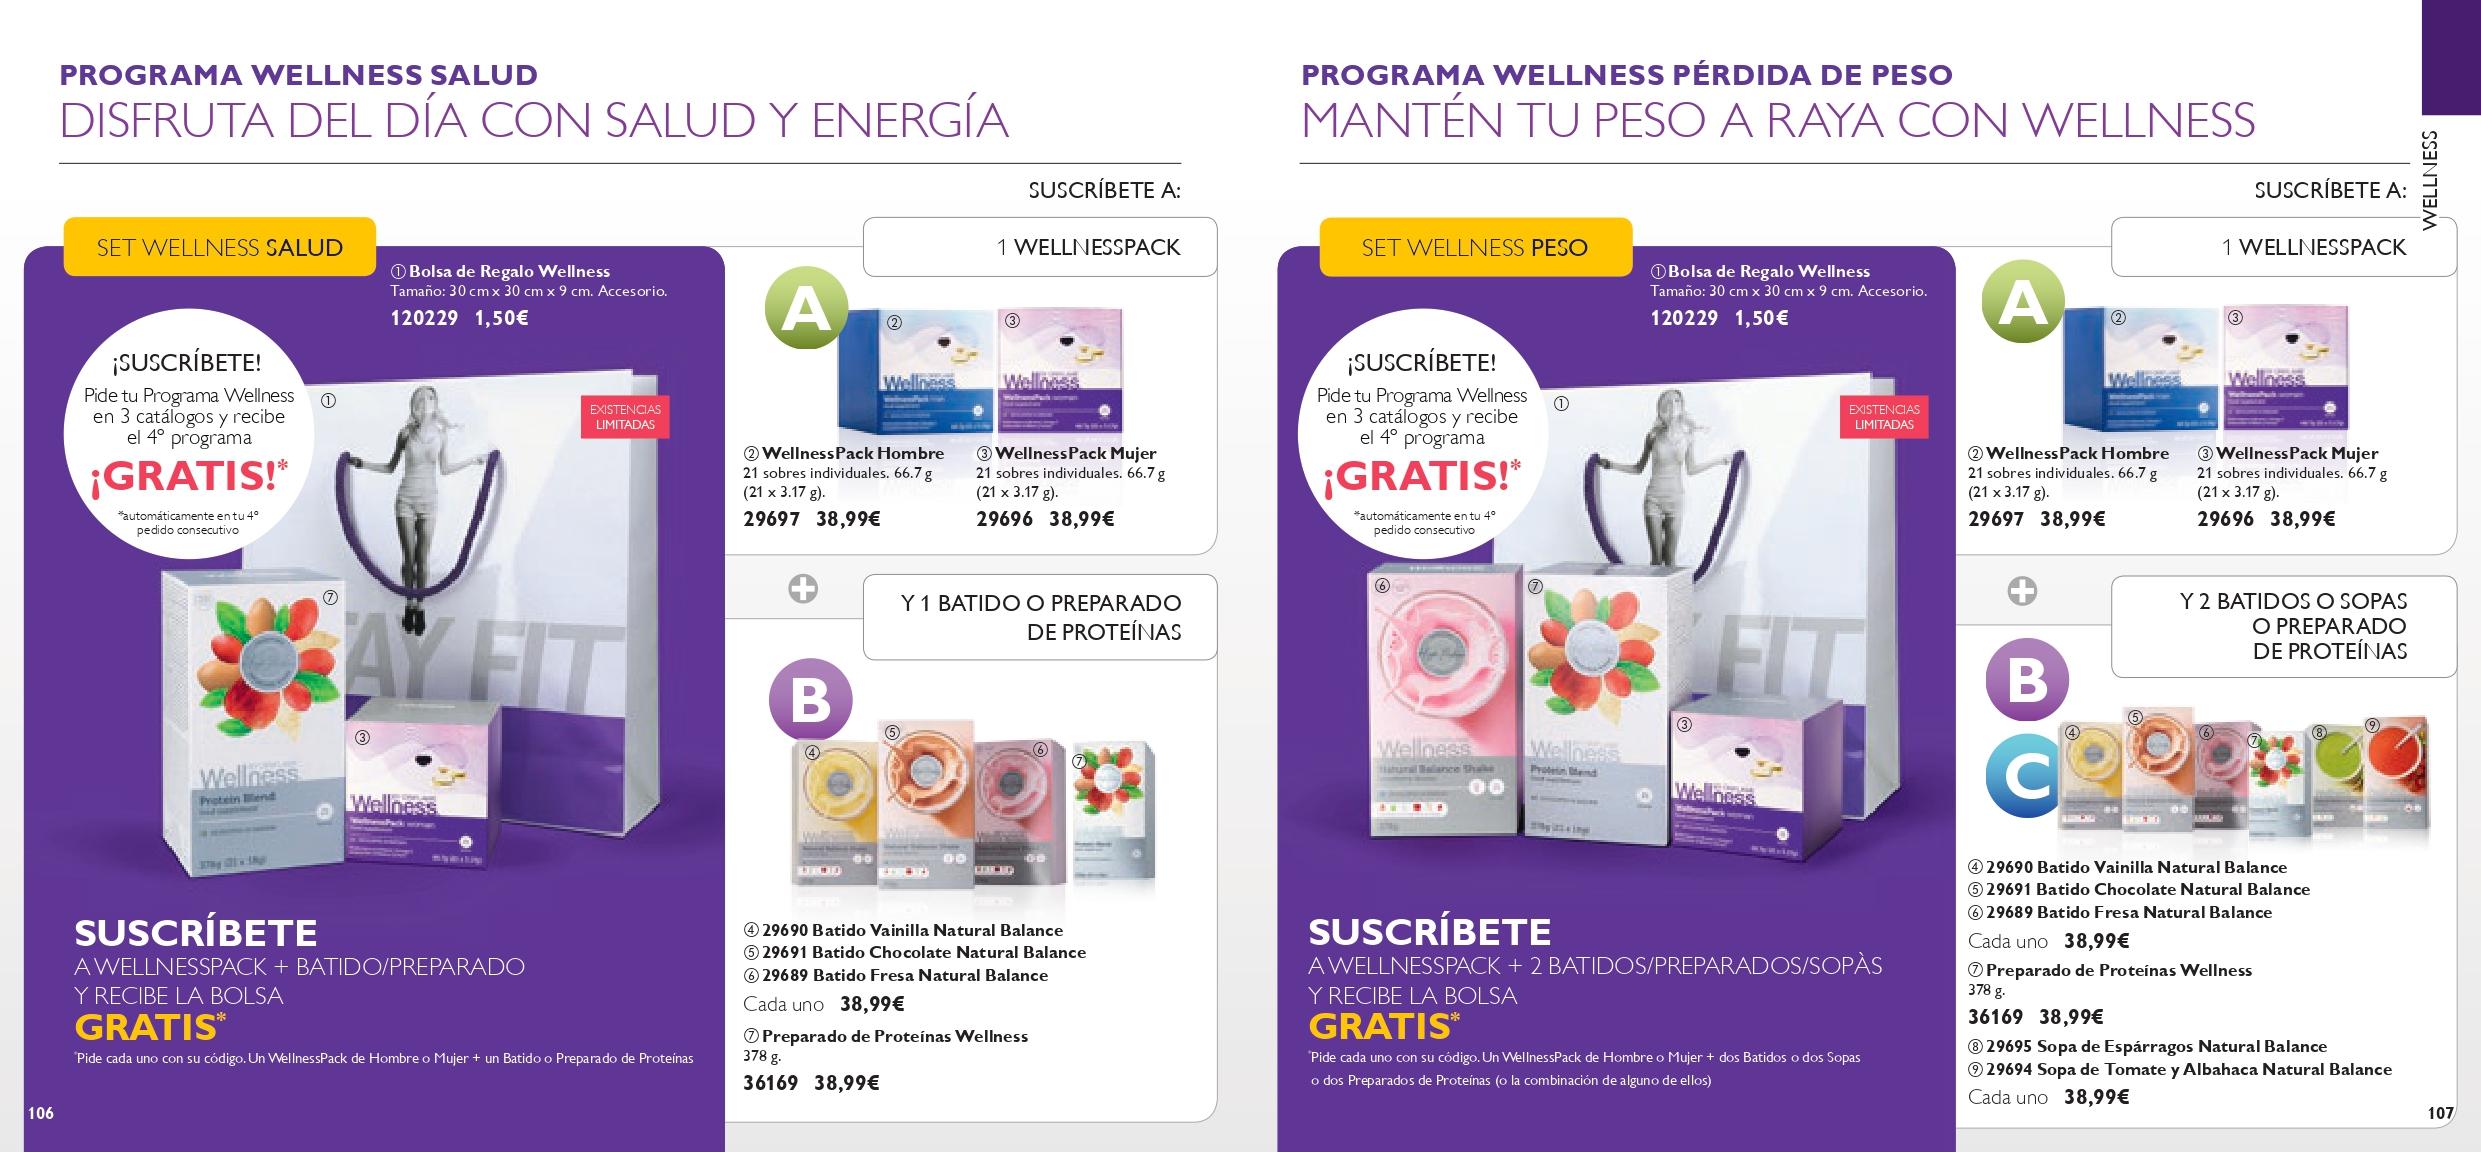 2019.ce.016.es.002-003+79_page-0053